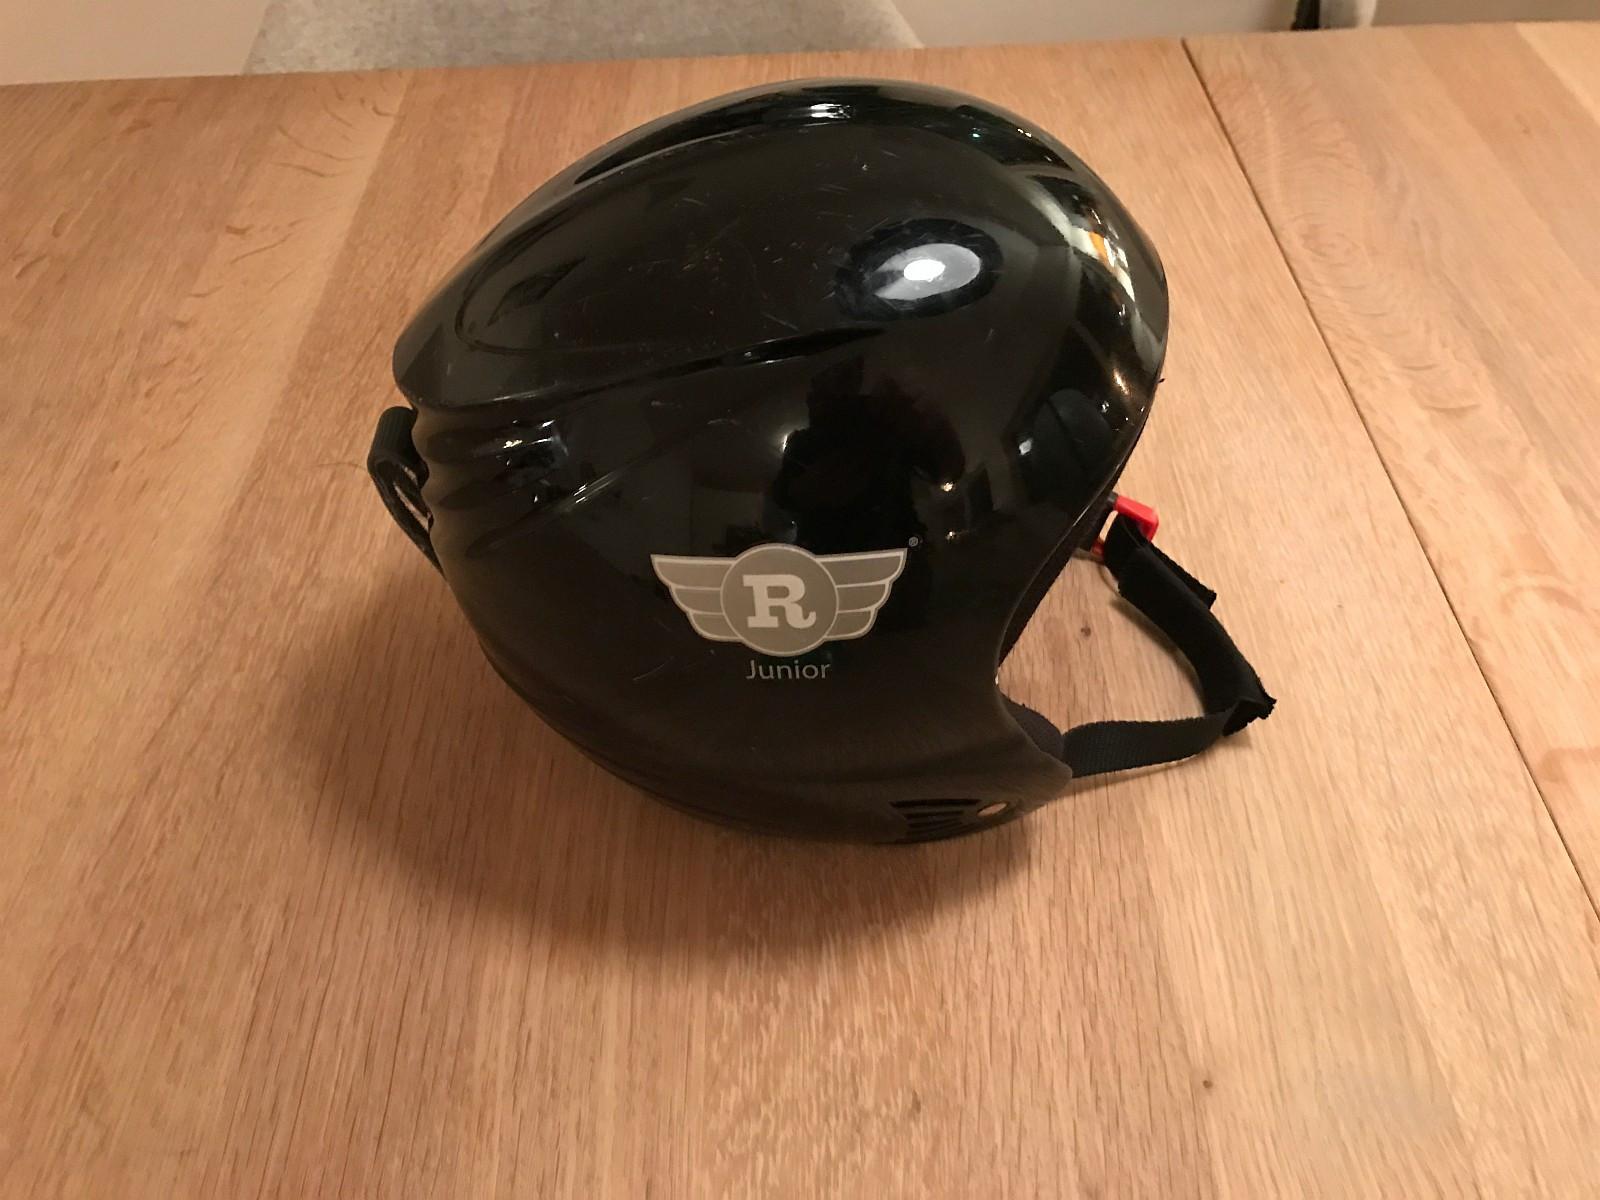 Alpin hjelm barn 5-8 - Eidsvågneset  - Alpin hjelmer til barn på ca 5-8 år. - Eidsvågneset